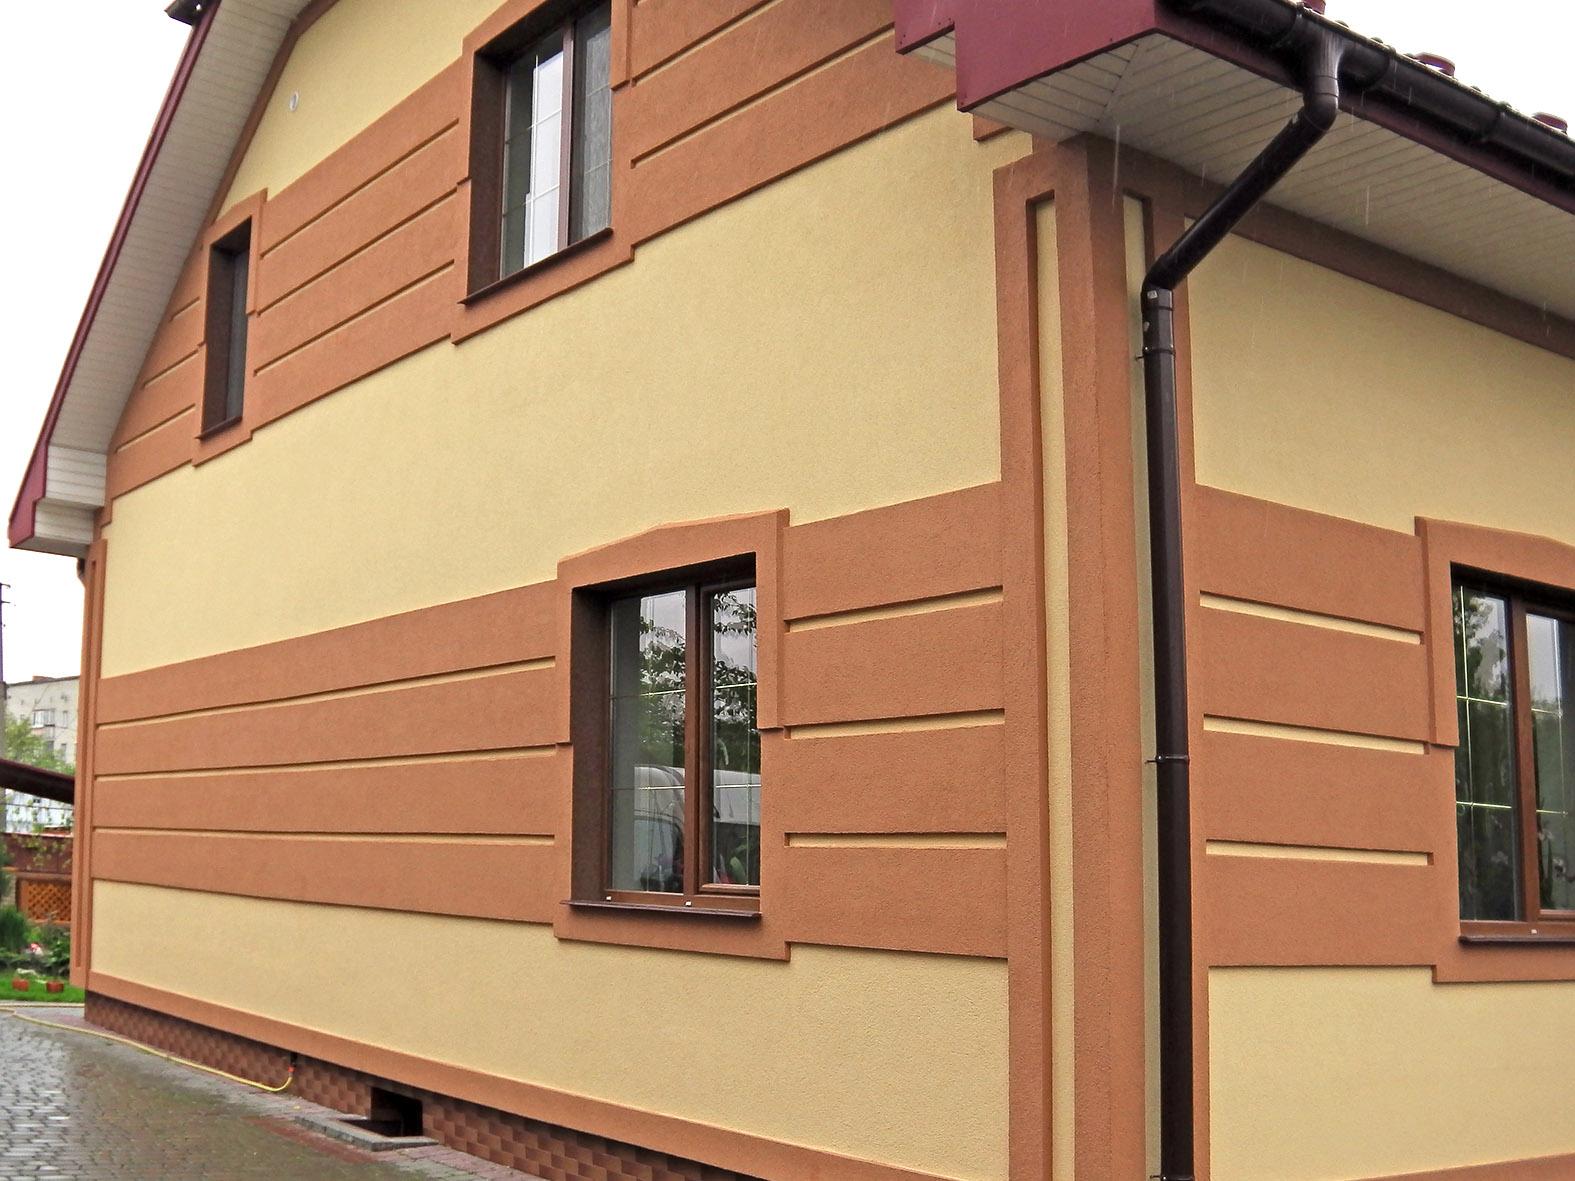 Как выбрать фасадную краску для наружных работ: все критерии качества